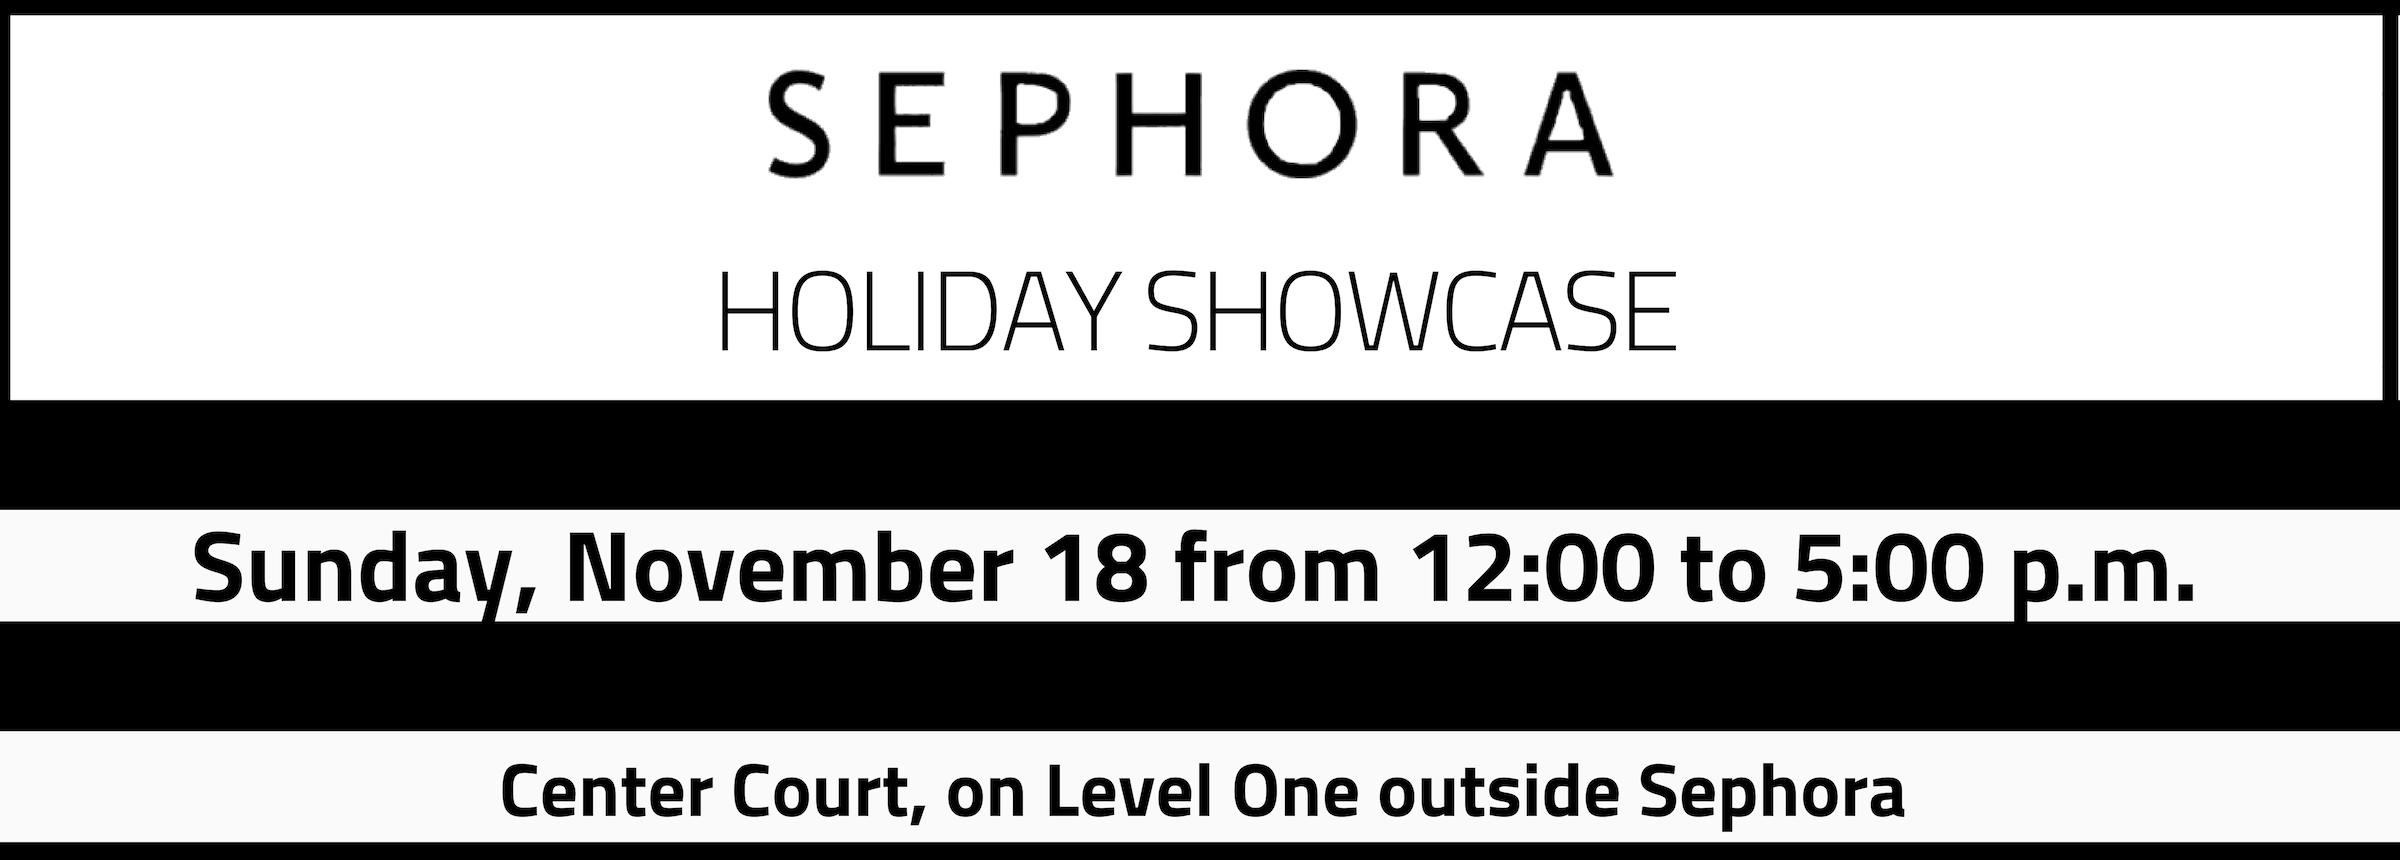 Sephora Holiday Showcase 2018 Slider